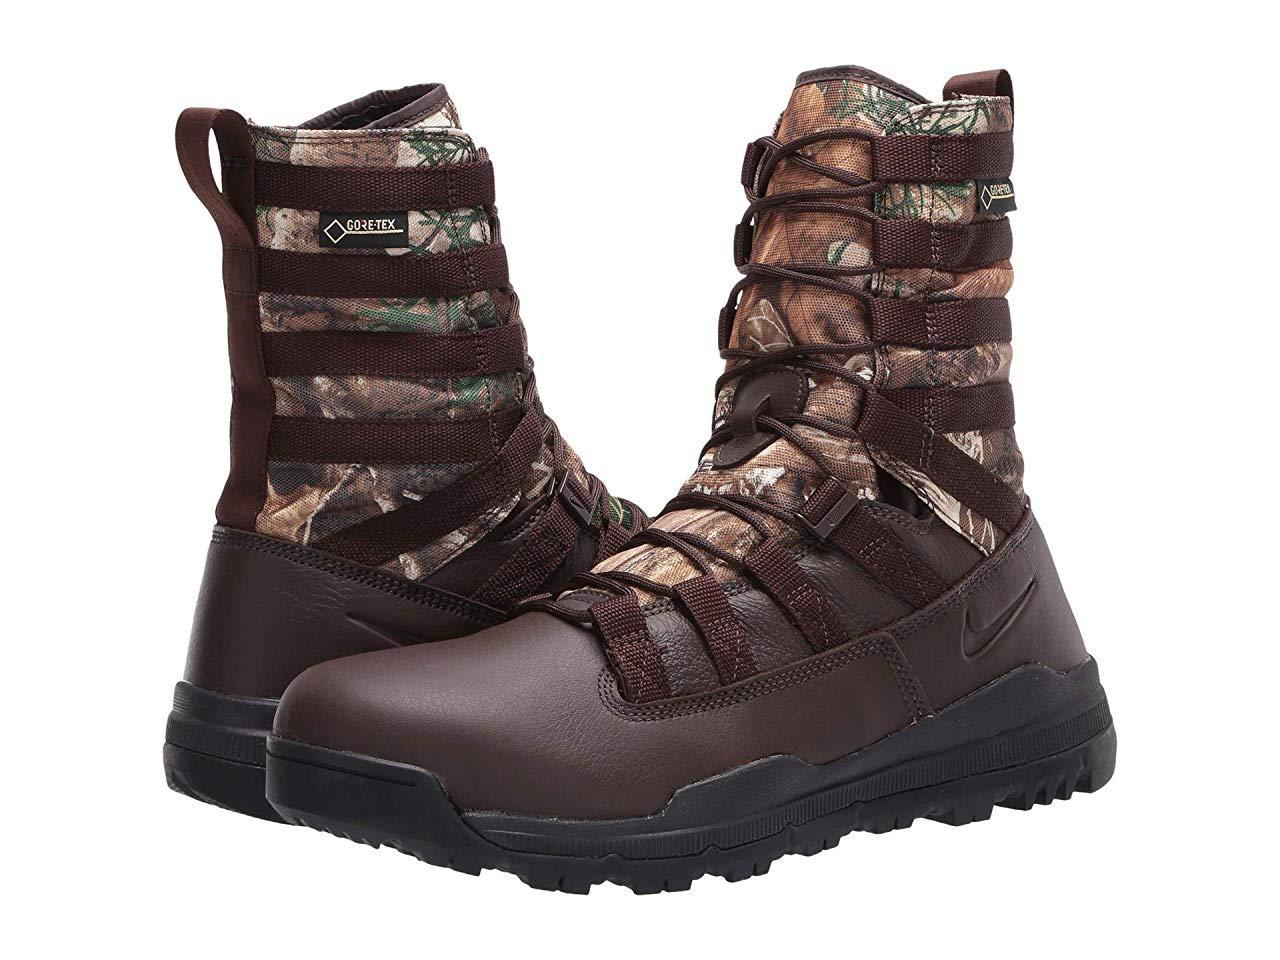 Ботинки/Сапоги Nike 8'' SFB GEN 2 Realtree GT Fauna Brown/Fauna Brown/Black